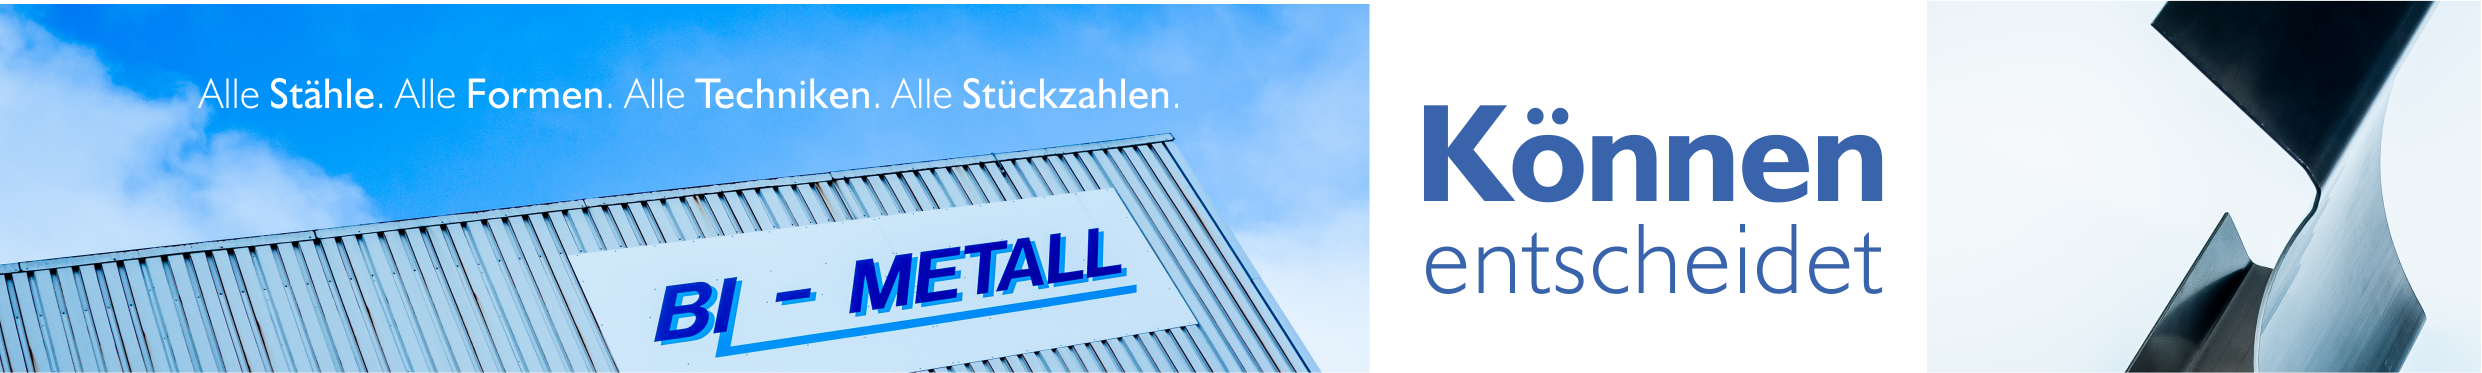 Bi-Metall | Können entscheidet | 02543 23850-0 | Billerbeck Logo